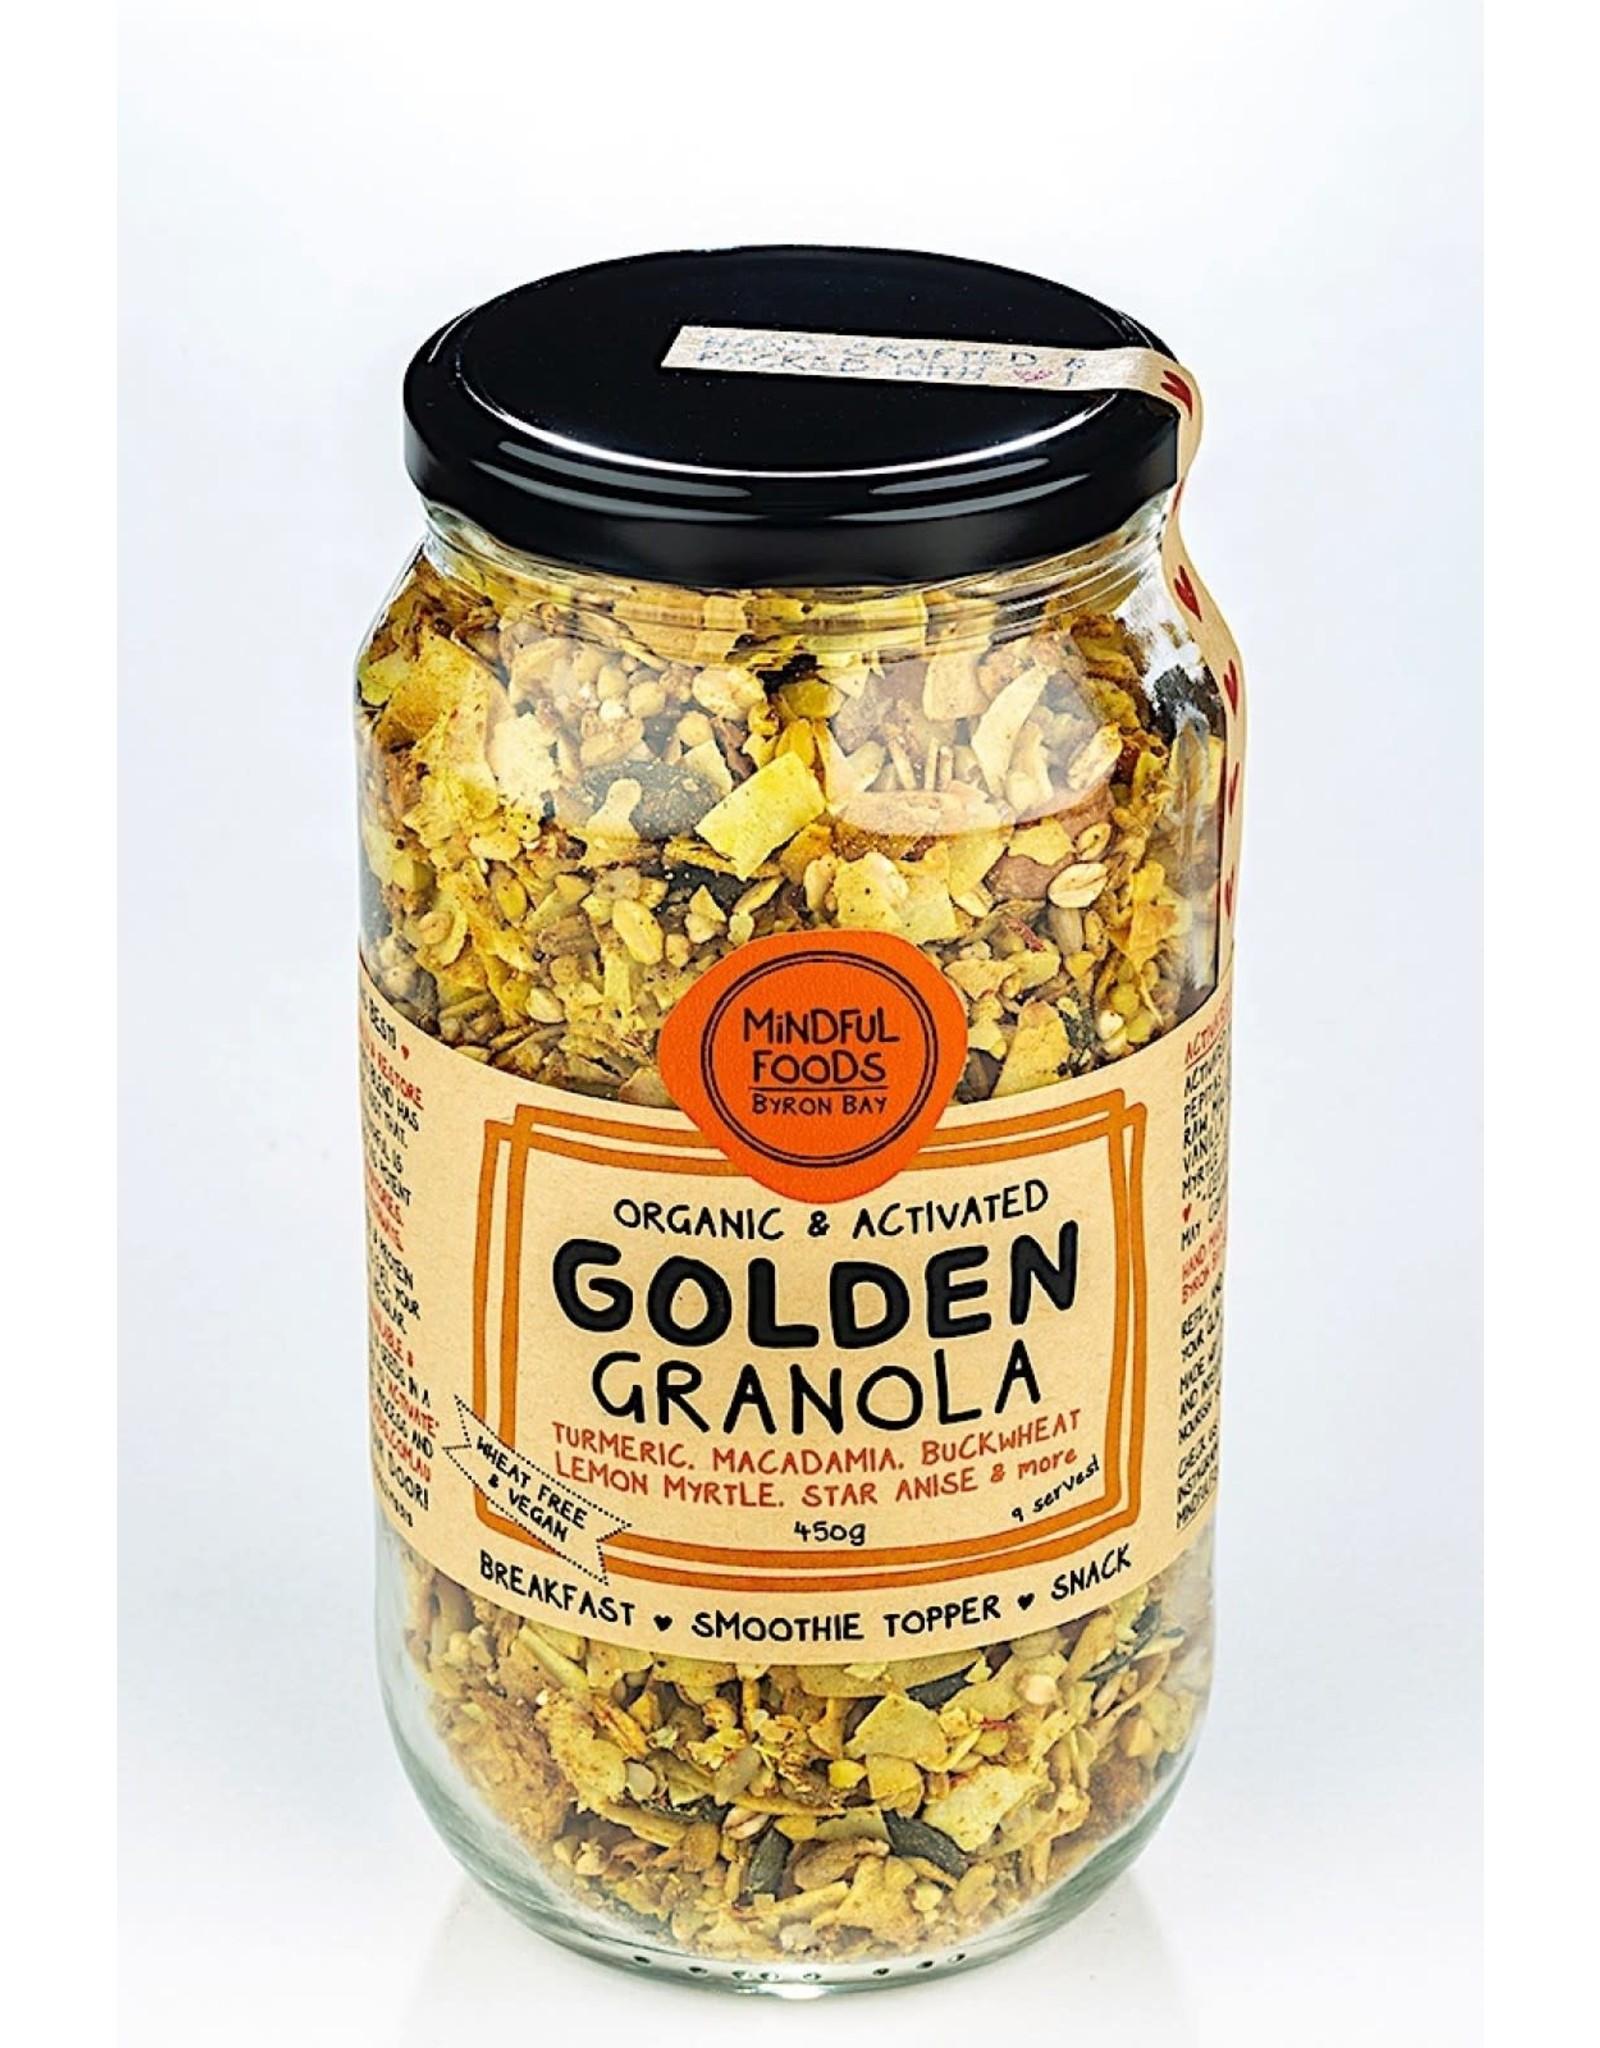 Mindful Foods Golden Granola